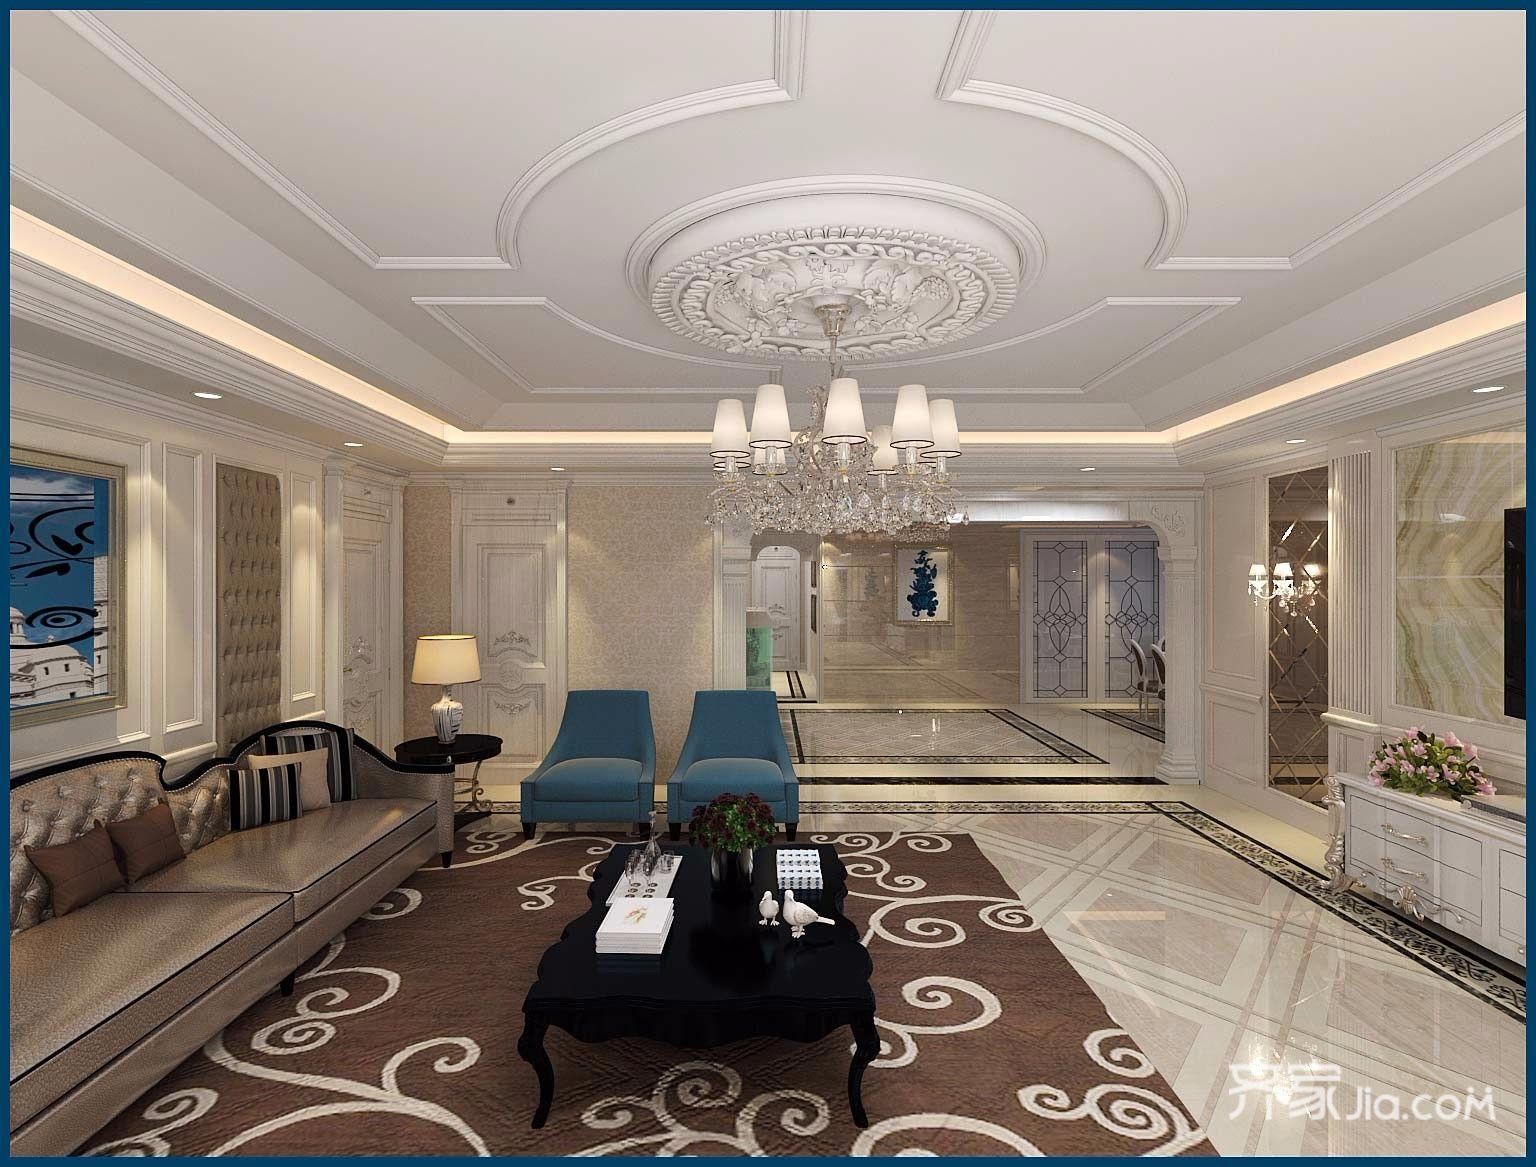 豪华欧式风格四房装修客厅吊顶效果图